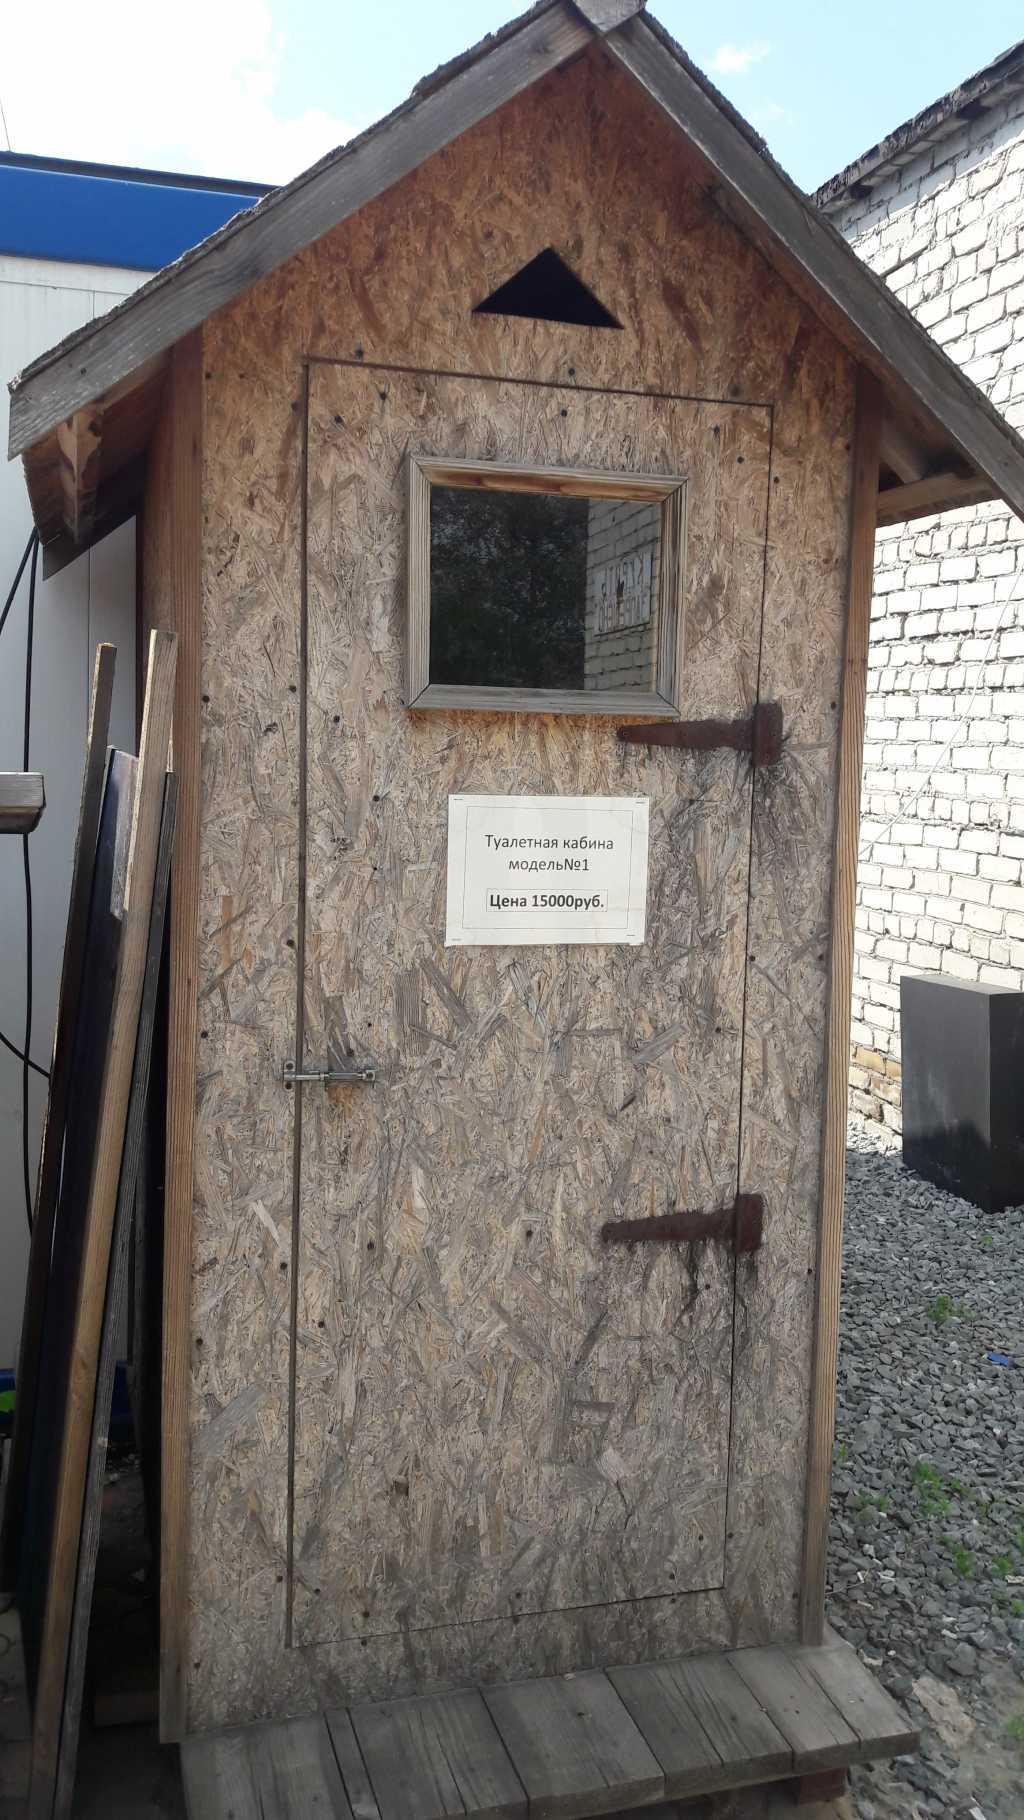 Туалетные деревянные кабины в Тюмени. Фото 5